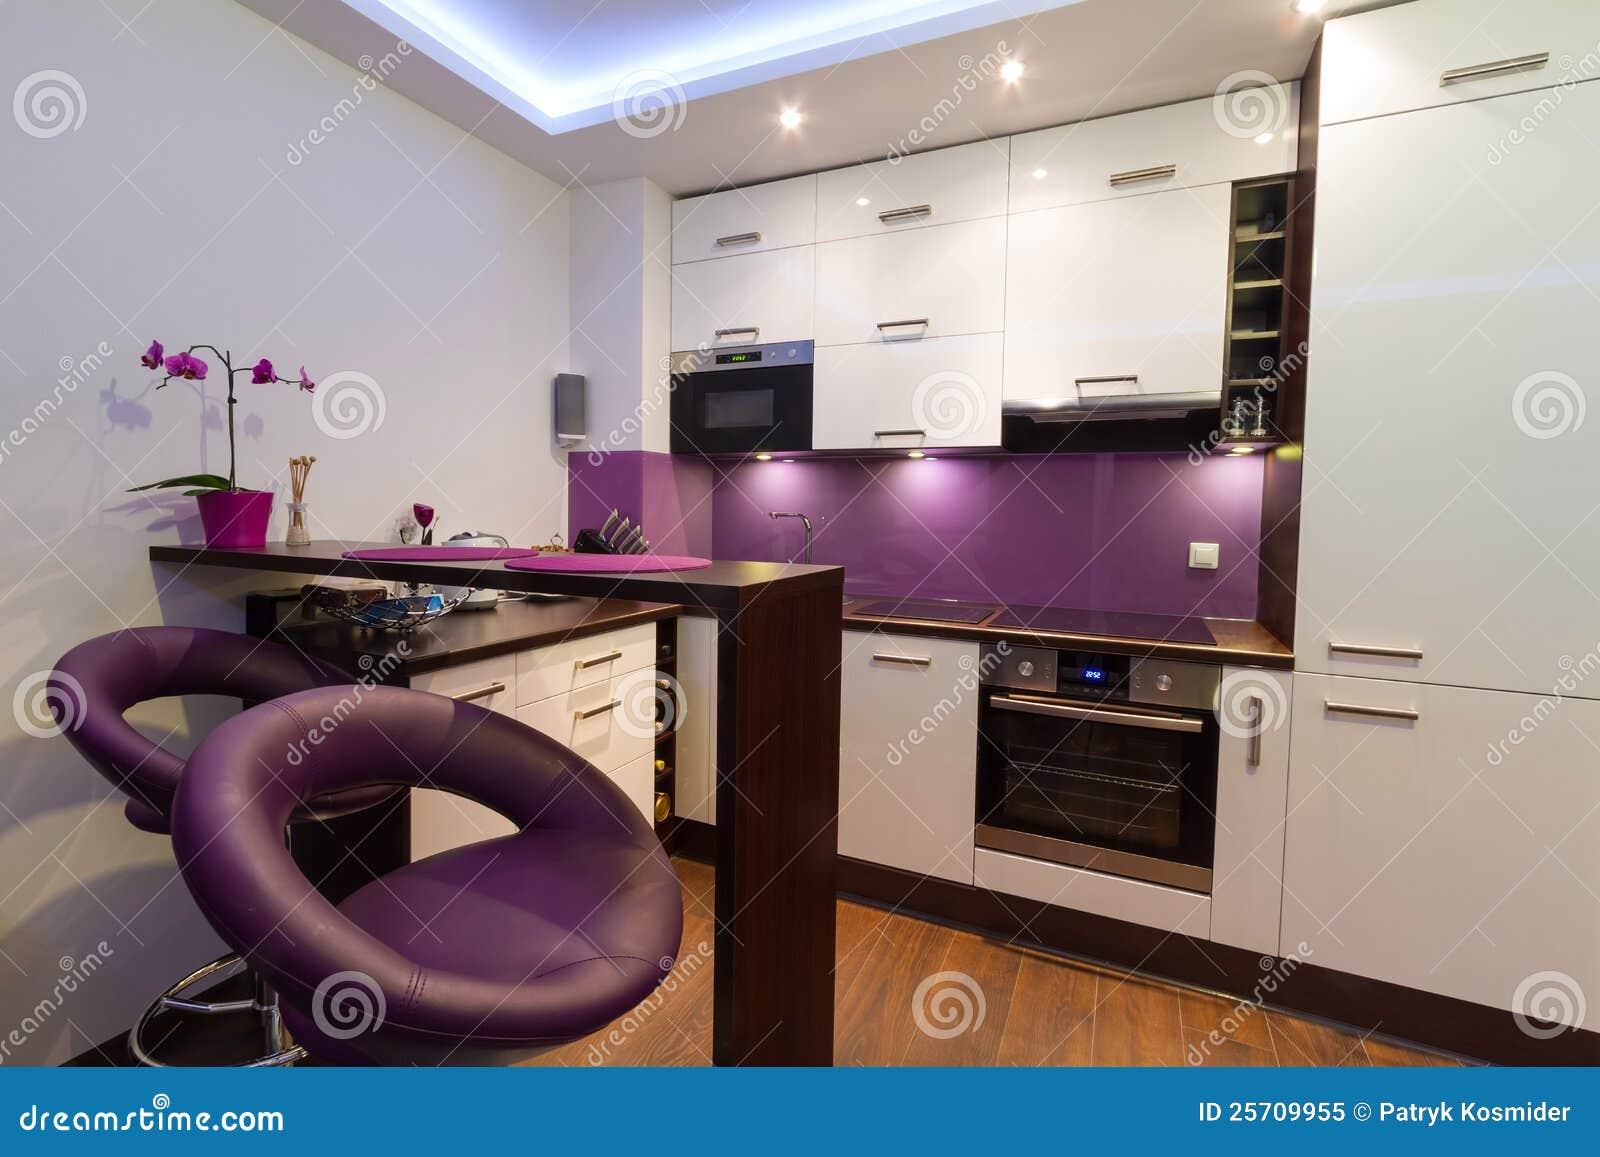 Lambris Salle De Bain Castorama : Salle de séjour moderne avec lintérieur de cuisine dans la couleur